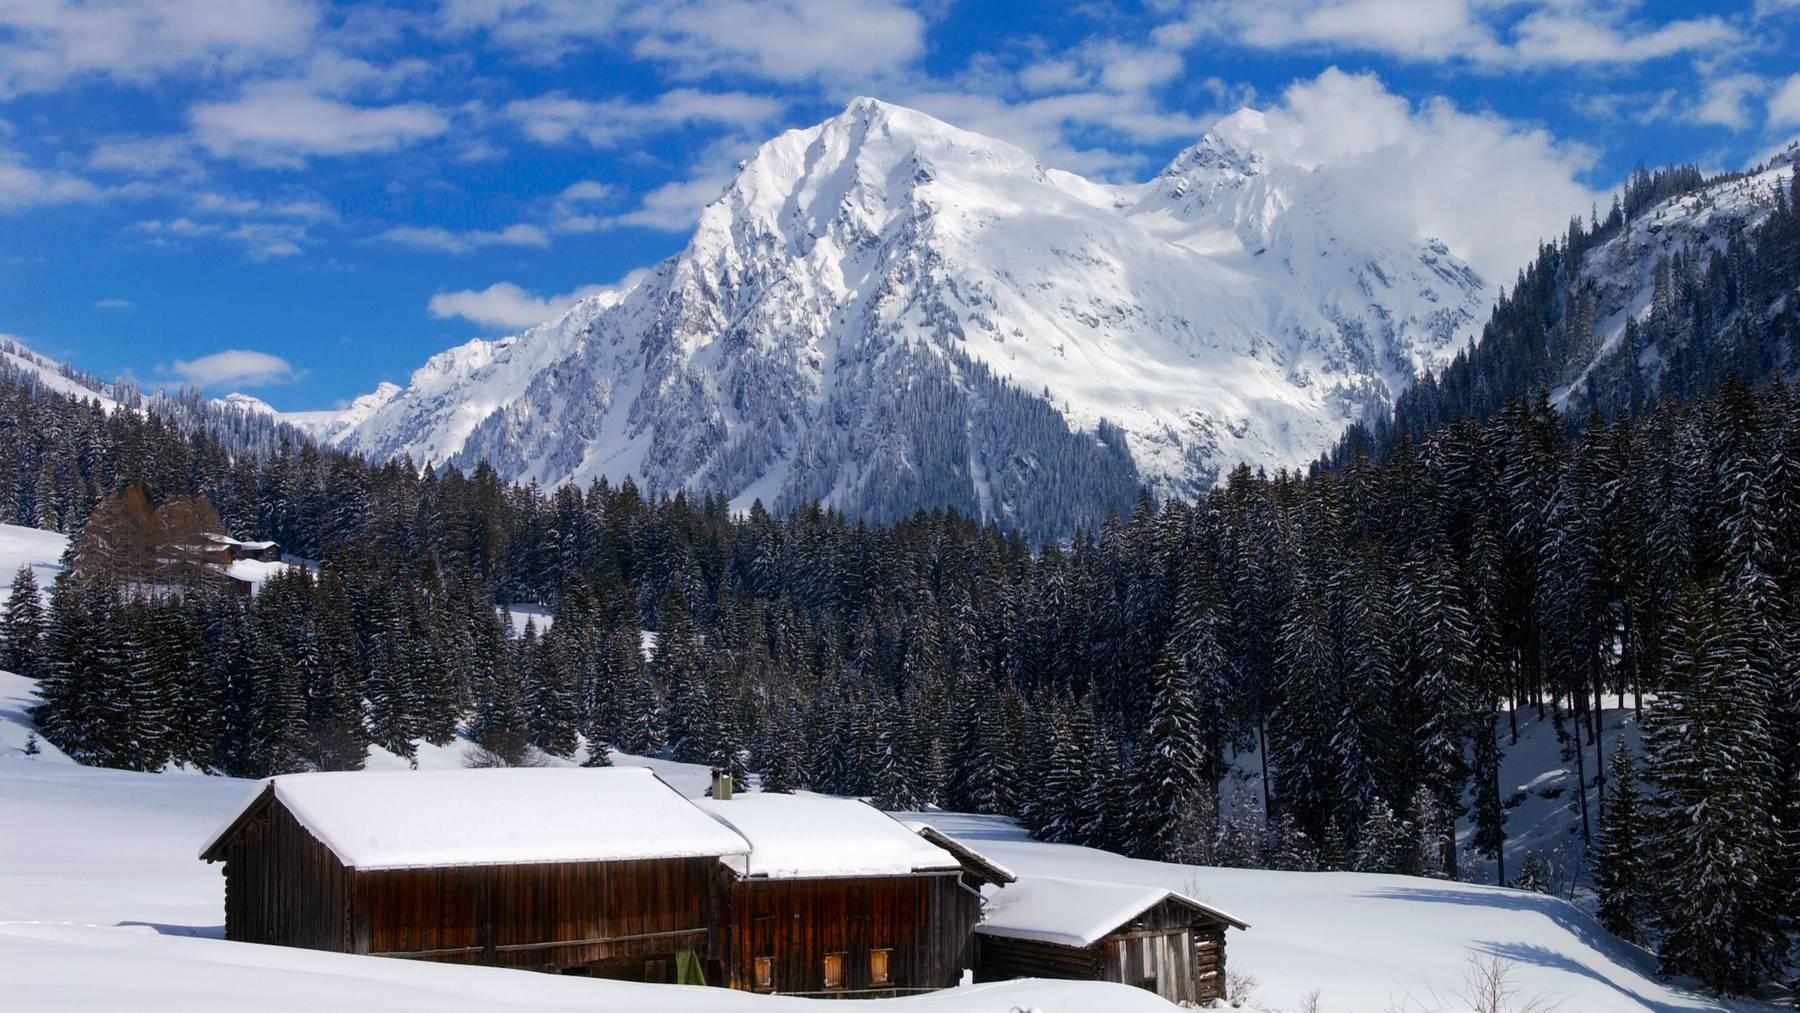 Die Schneefallgrenze ist auf 1500 Meter gesunken